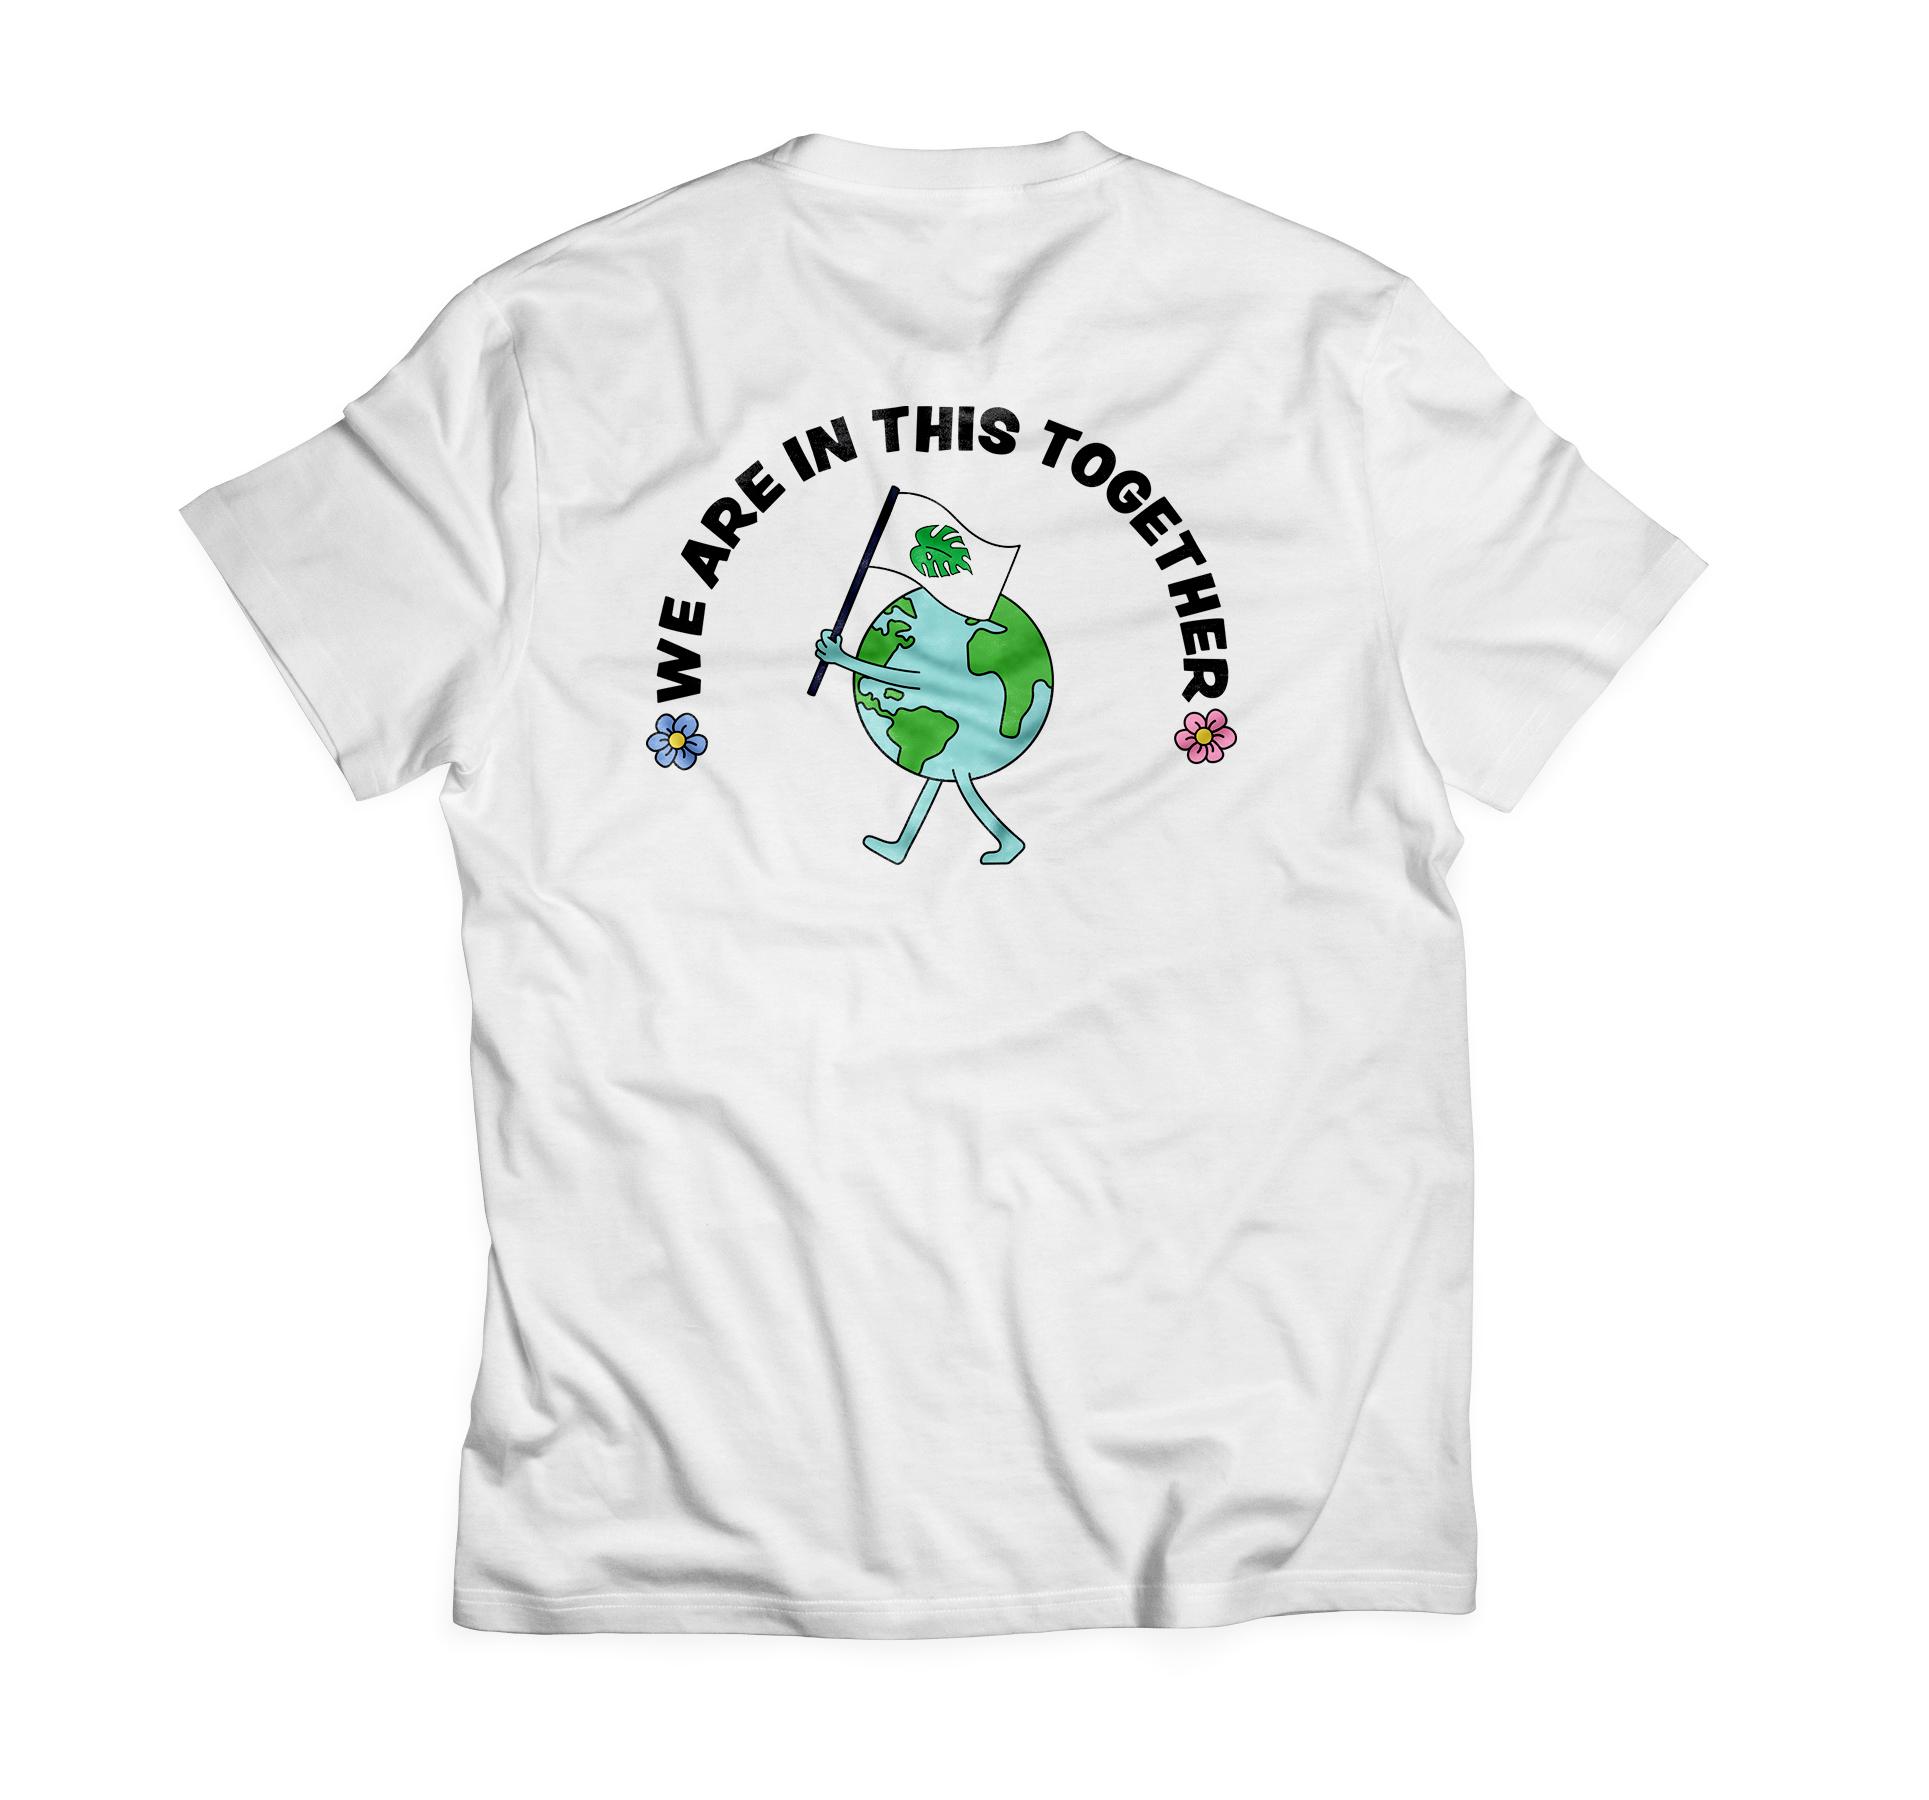 Back design of T-shirt